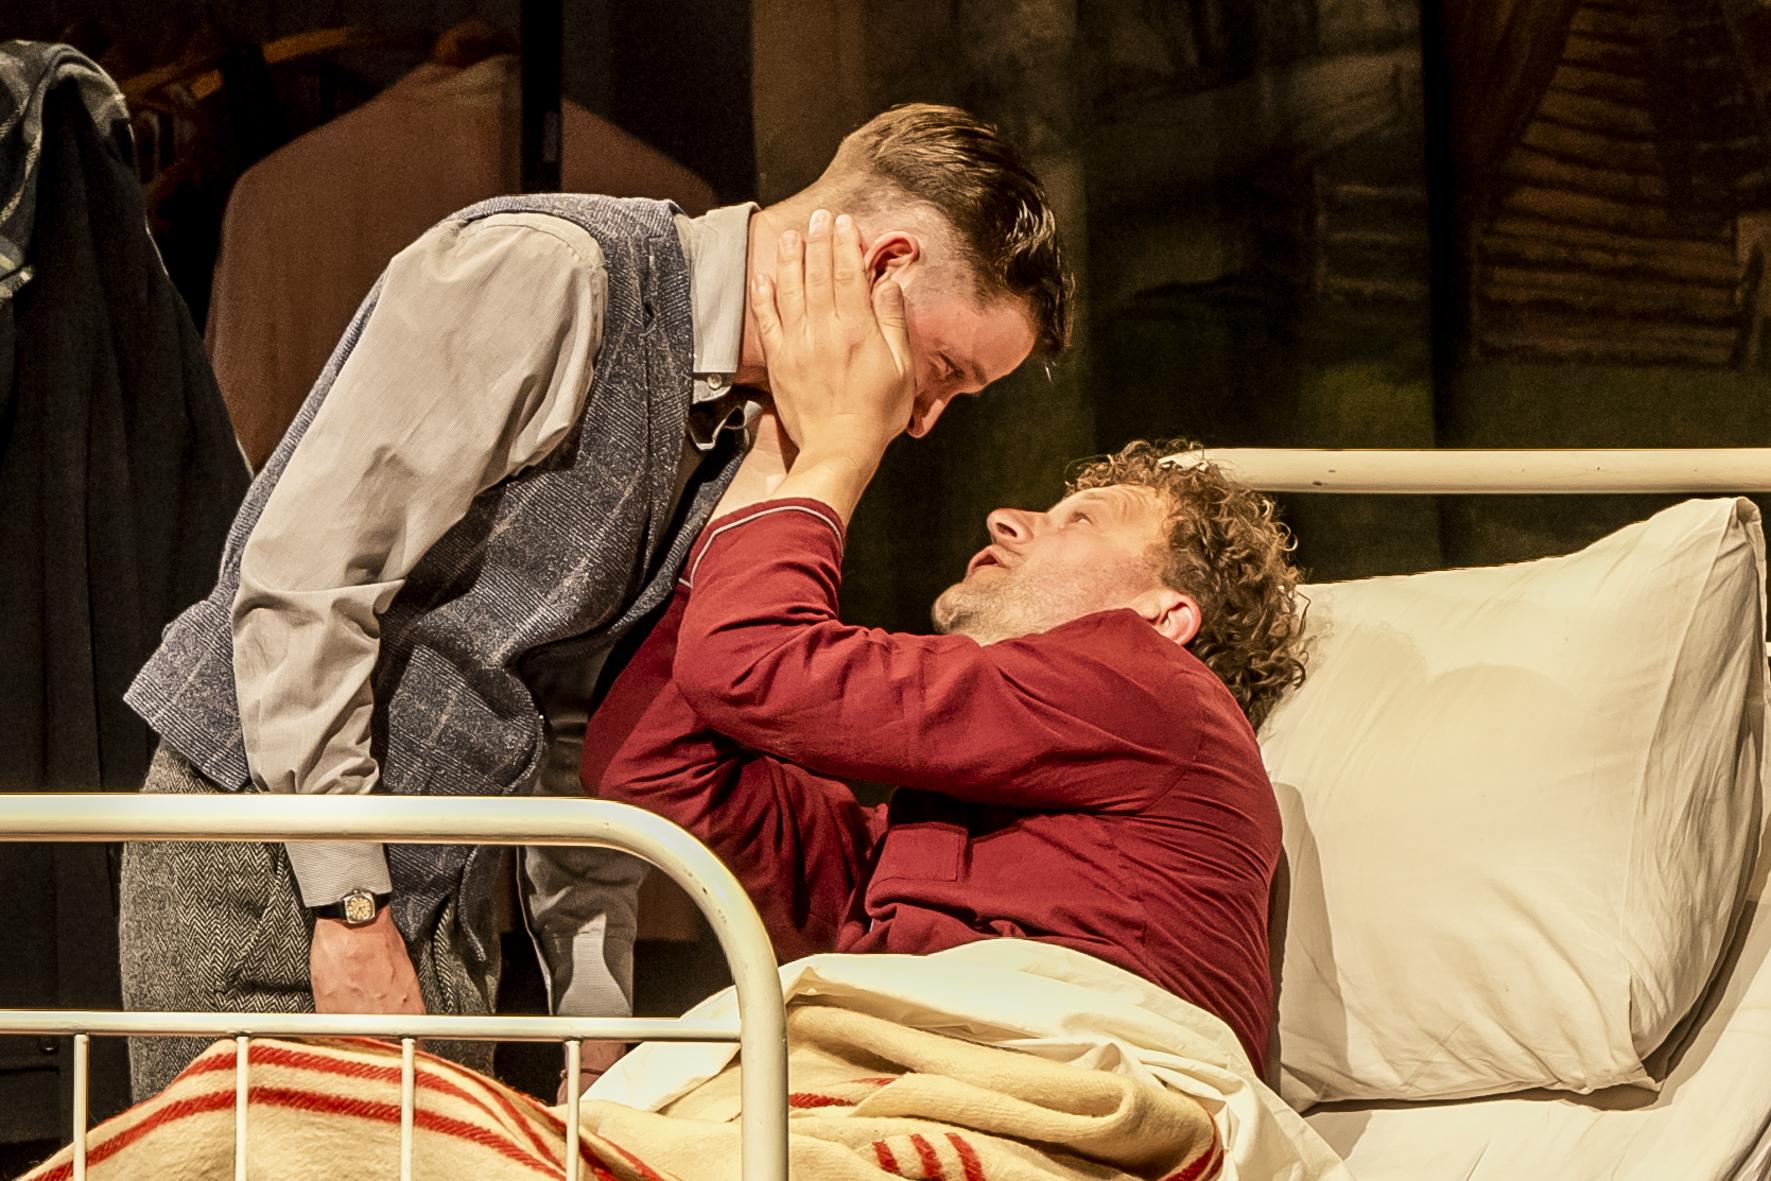 Acteur Bas Keijzer zorgt voor een lach en een traan in toneelstuk Aan de Vooravond: 'Patiënt Aaron irritante man om toch van te houden'